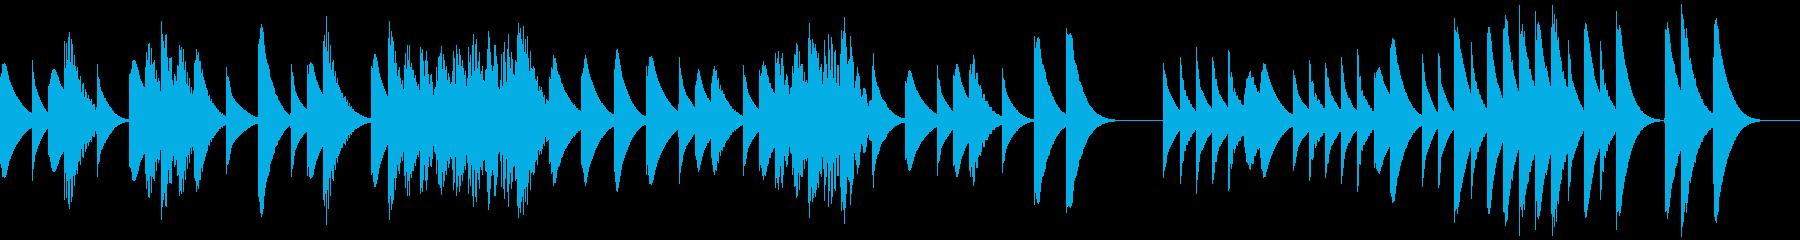 木琴と鉄琴がお話をしているような曲の再生済みの波形